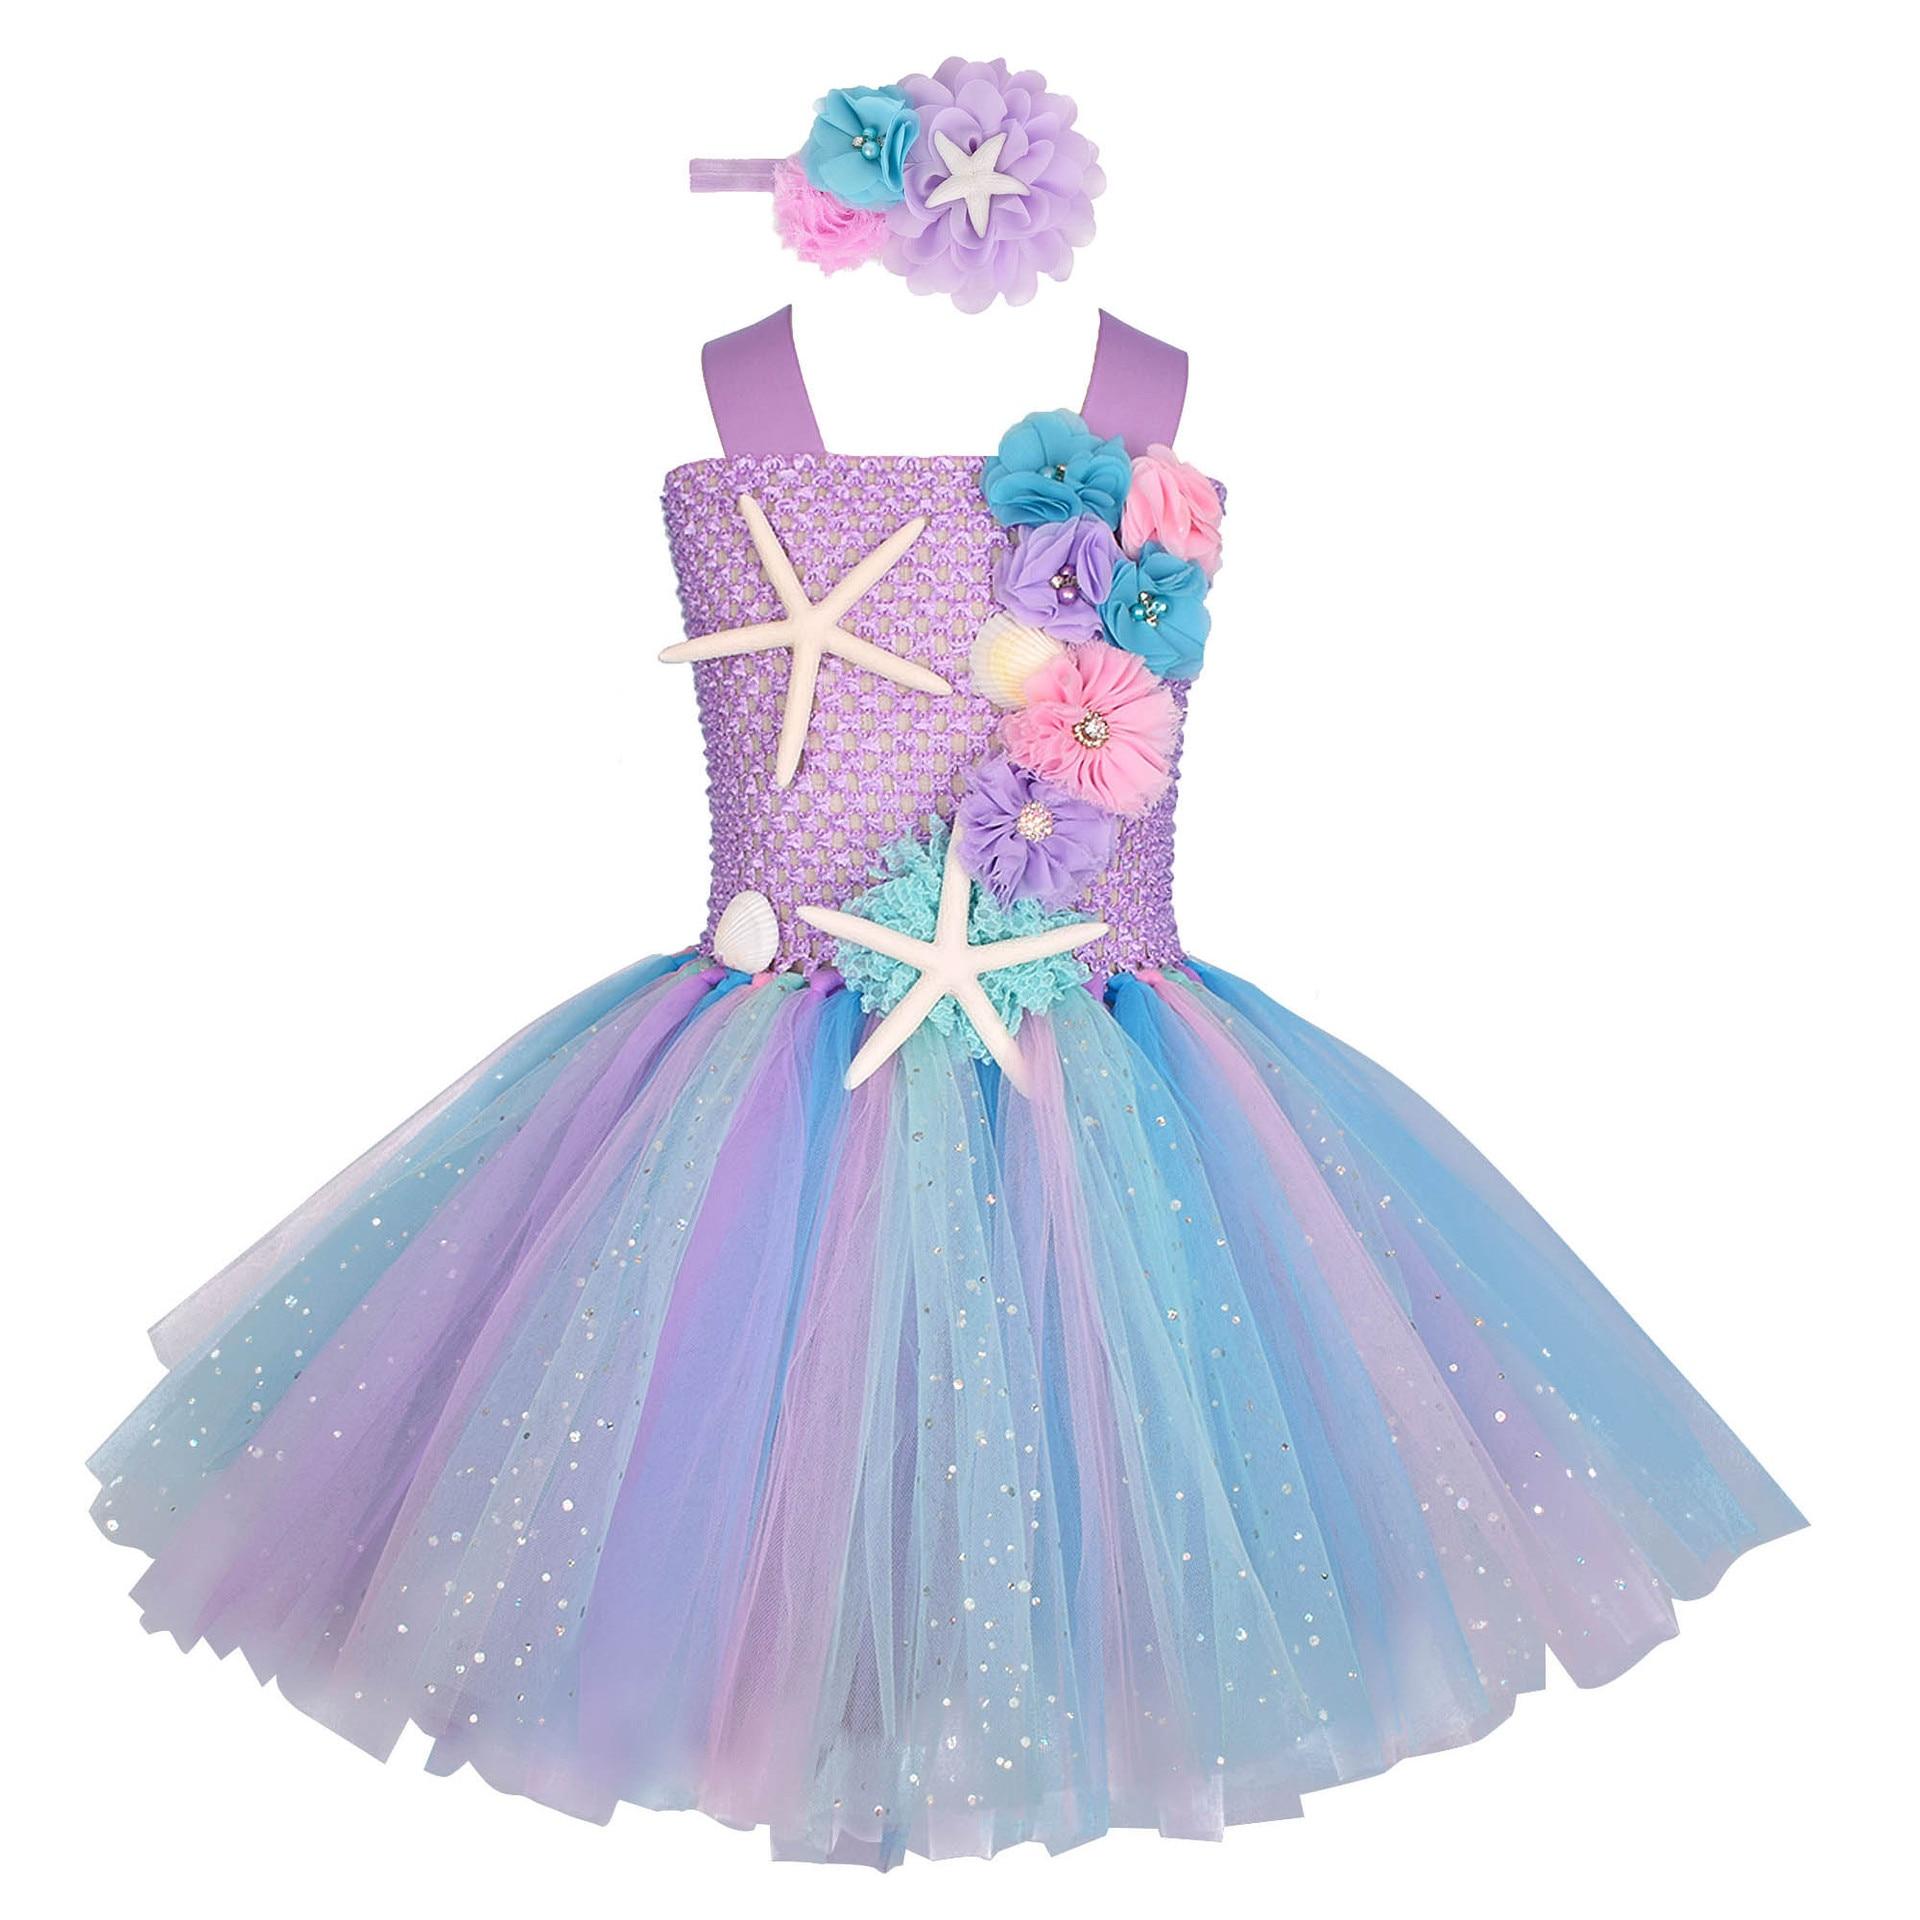 Для девочек пастельных юбка-пачка в стиле Русалочки, платье «Подводное царство» тематическая вечеринка на день рождения костюм с повязкой ...